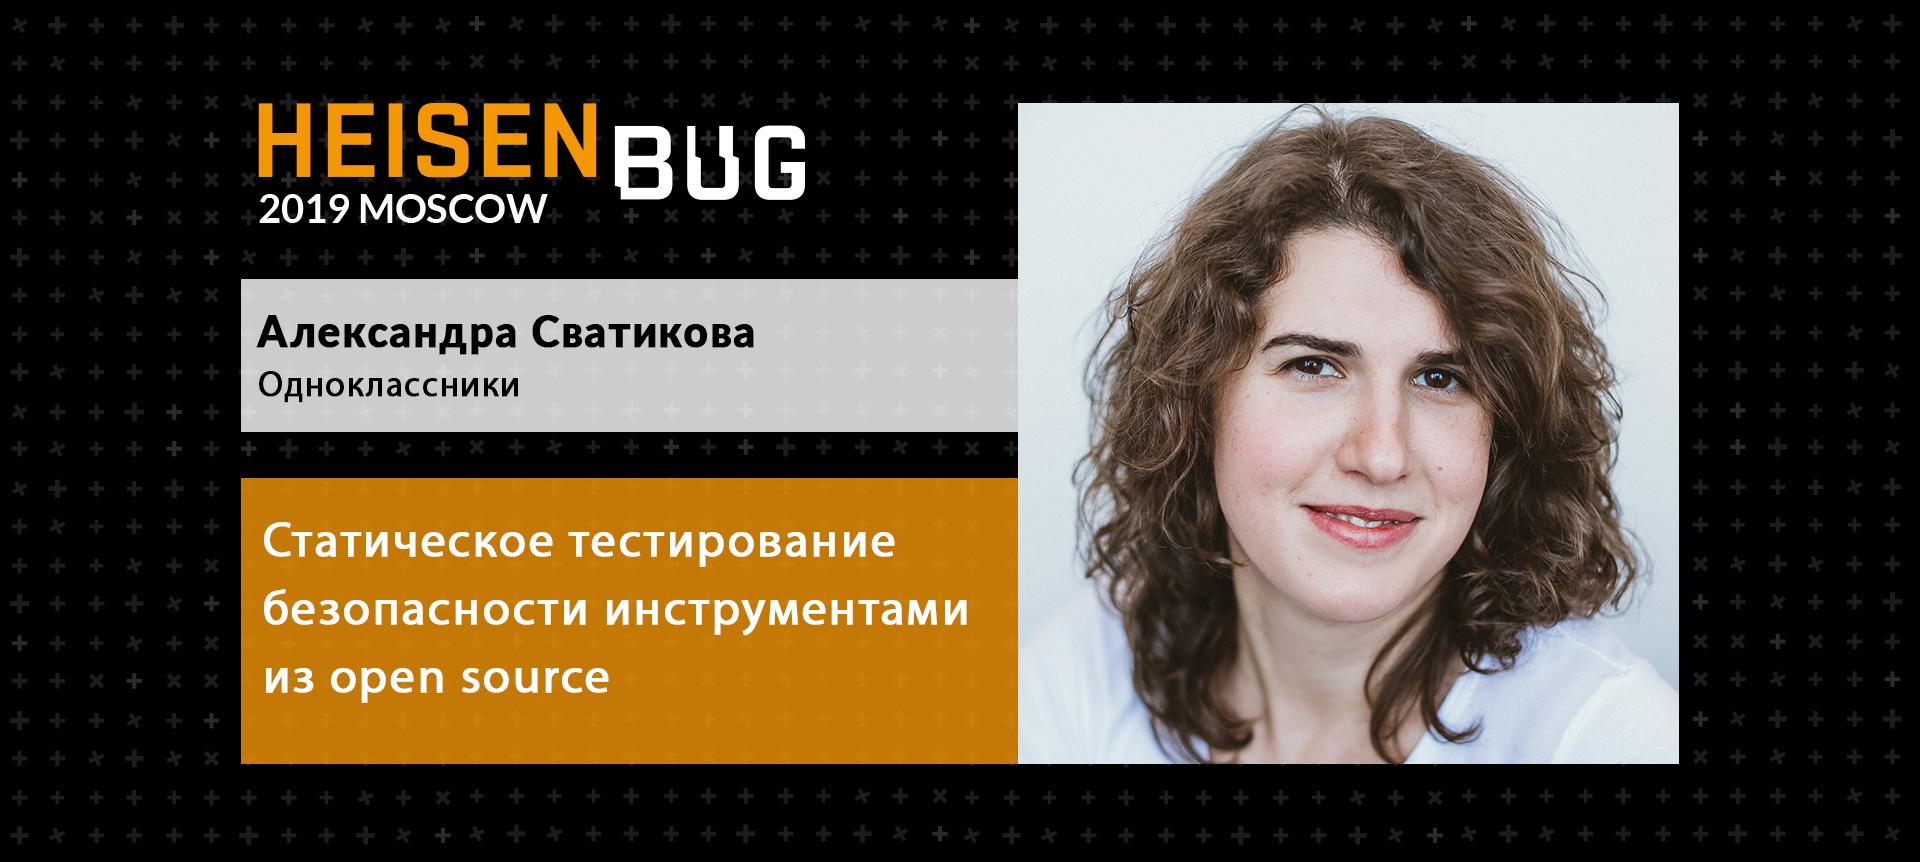 Могут ли автотесты заменить человека в поиске уязвимостей: интервью с Александрой Сватиковой - 1